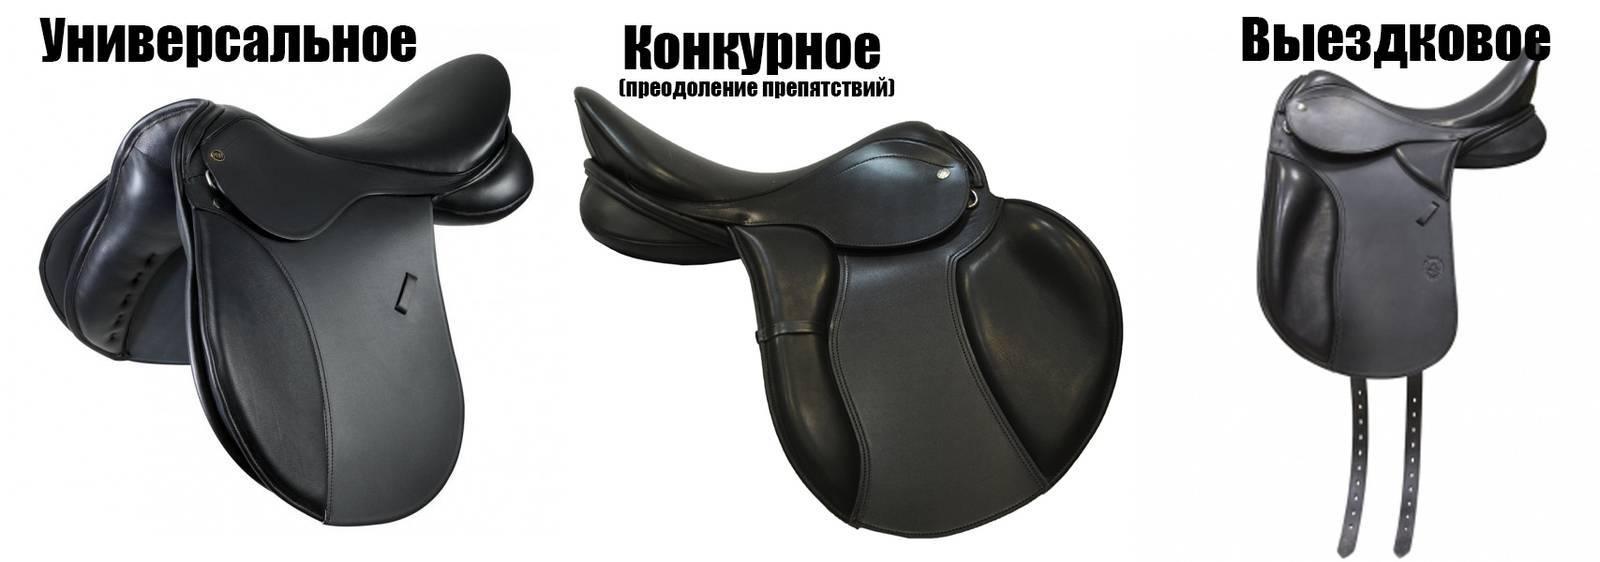 Амуниция для лошадей и всадников: обзор снаряжения